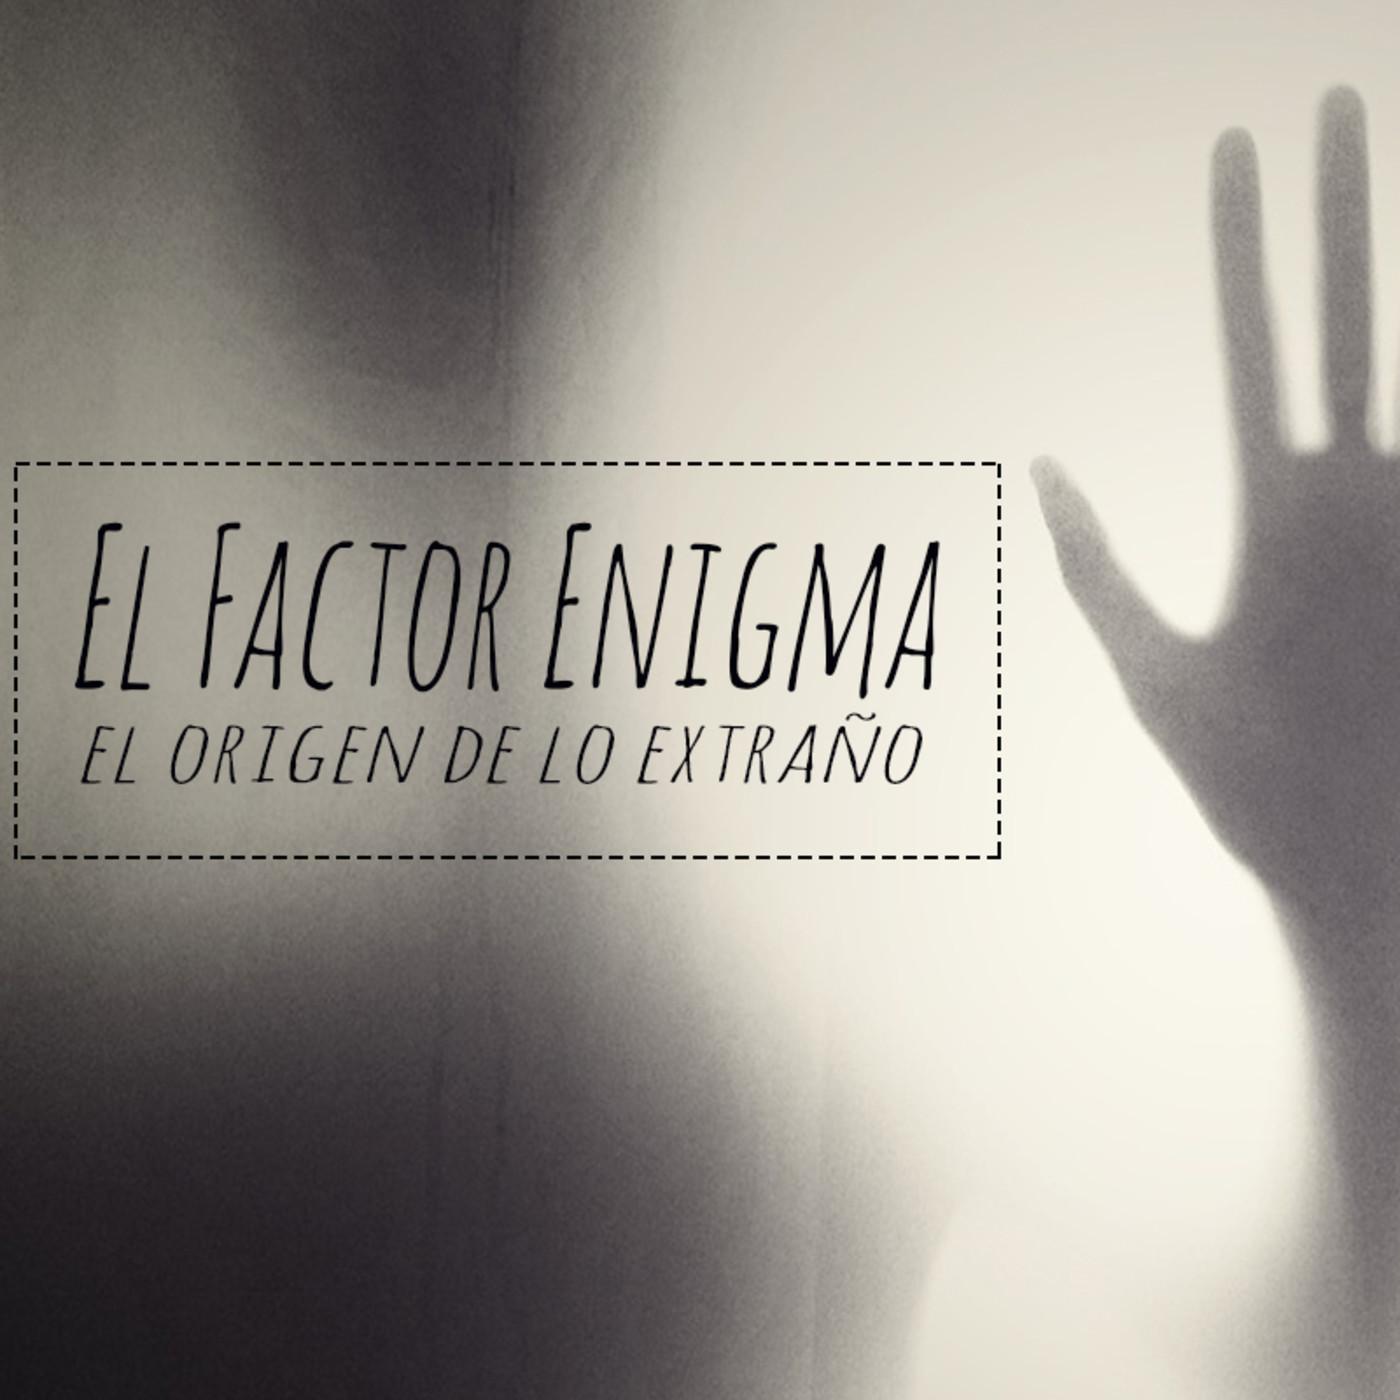 El Factor Enigma